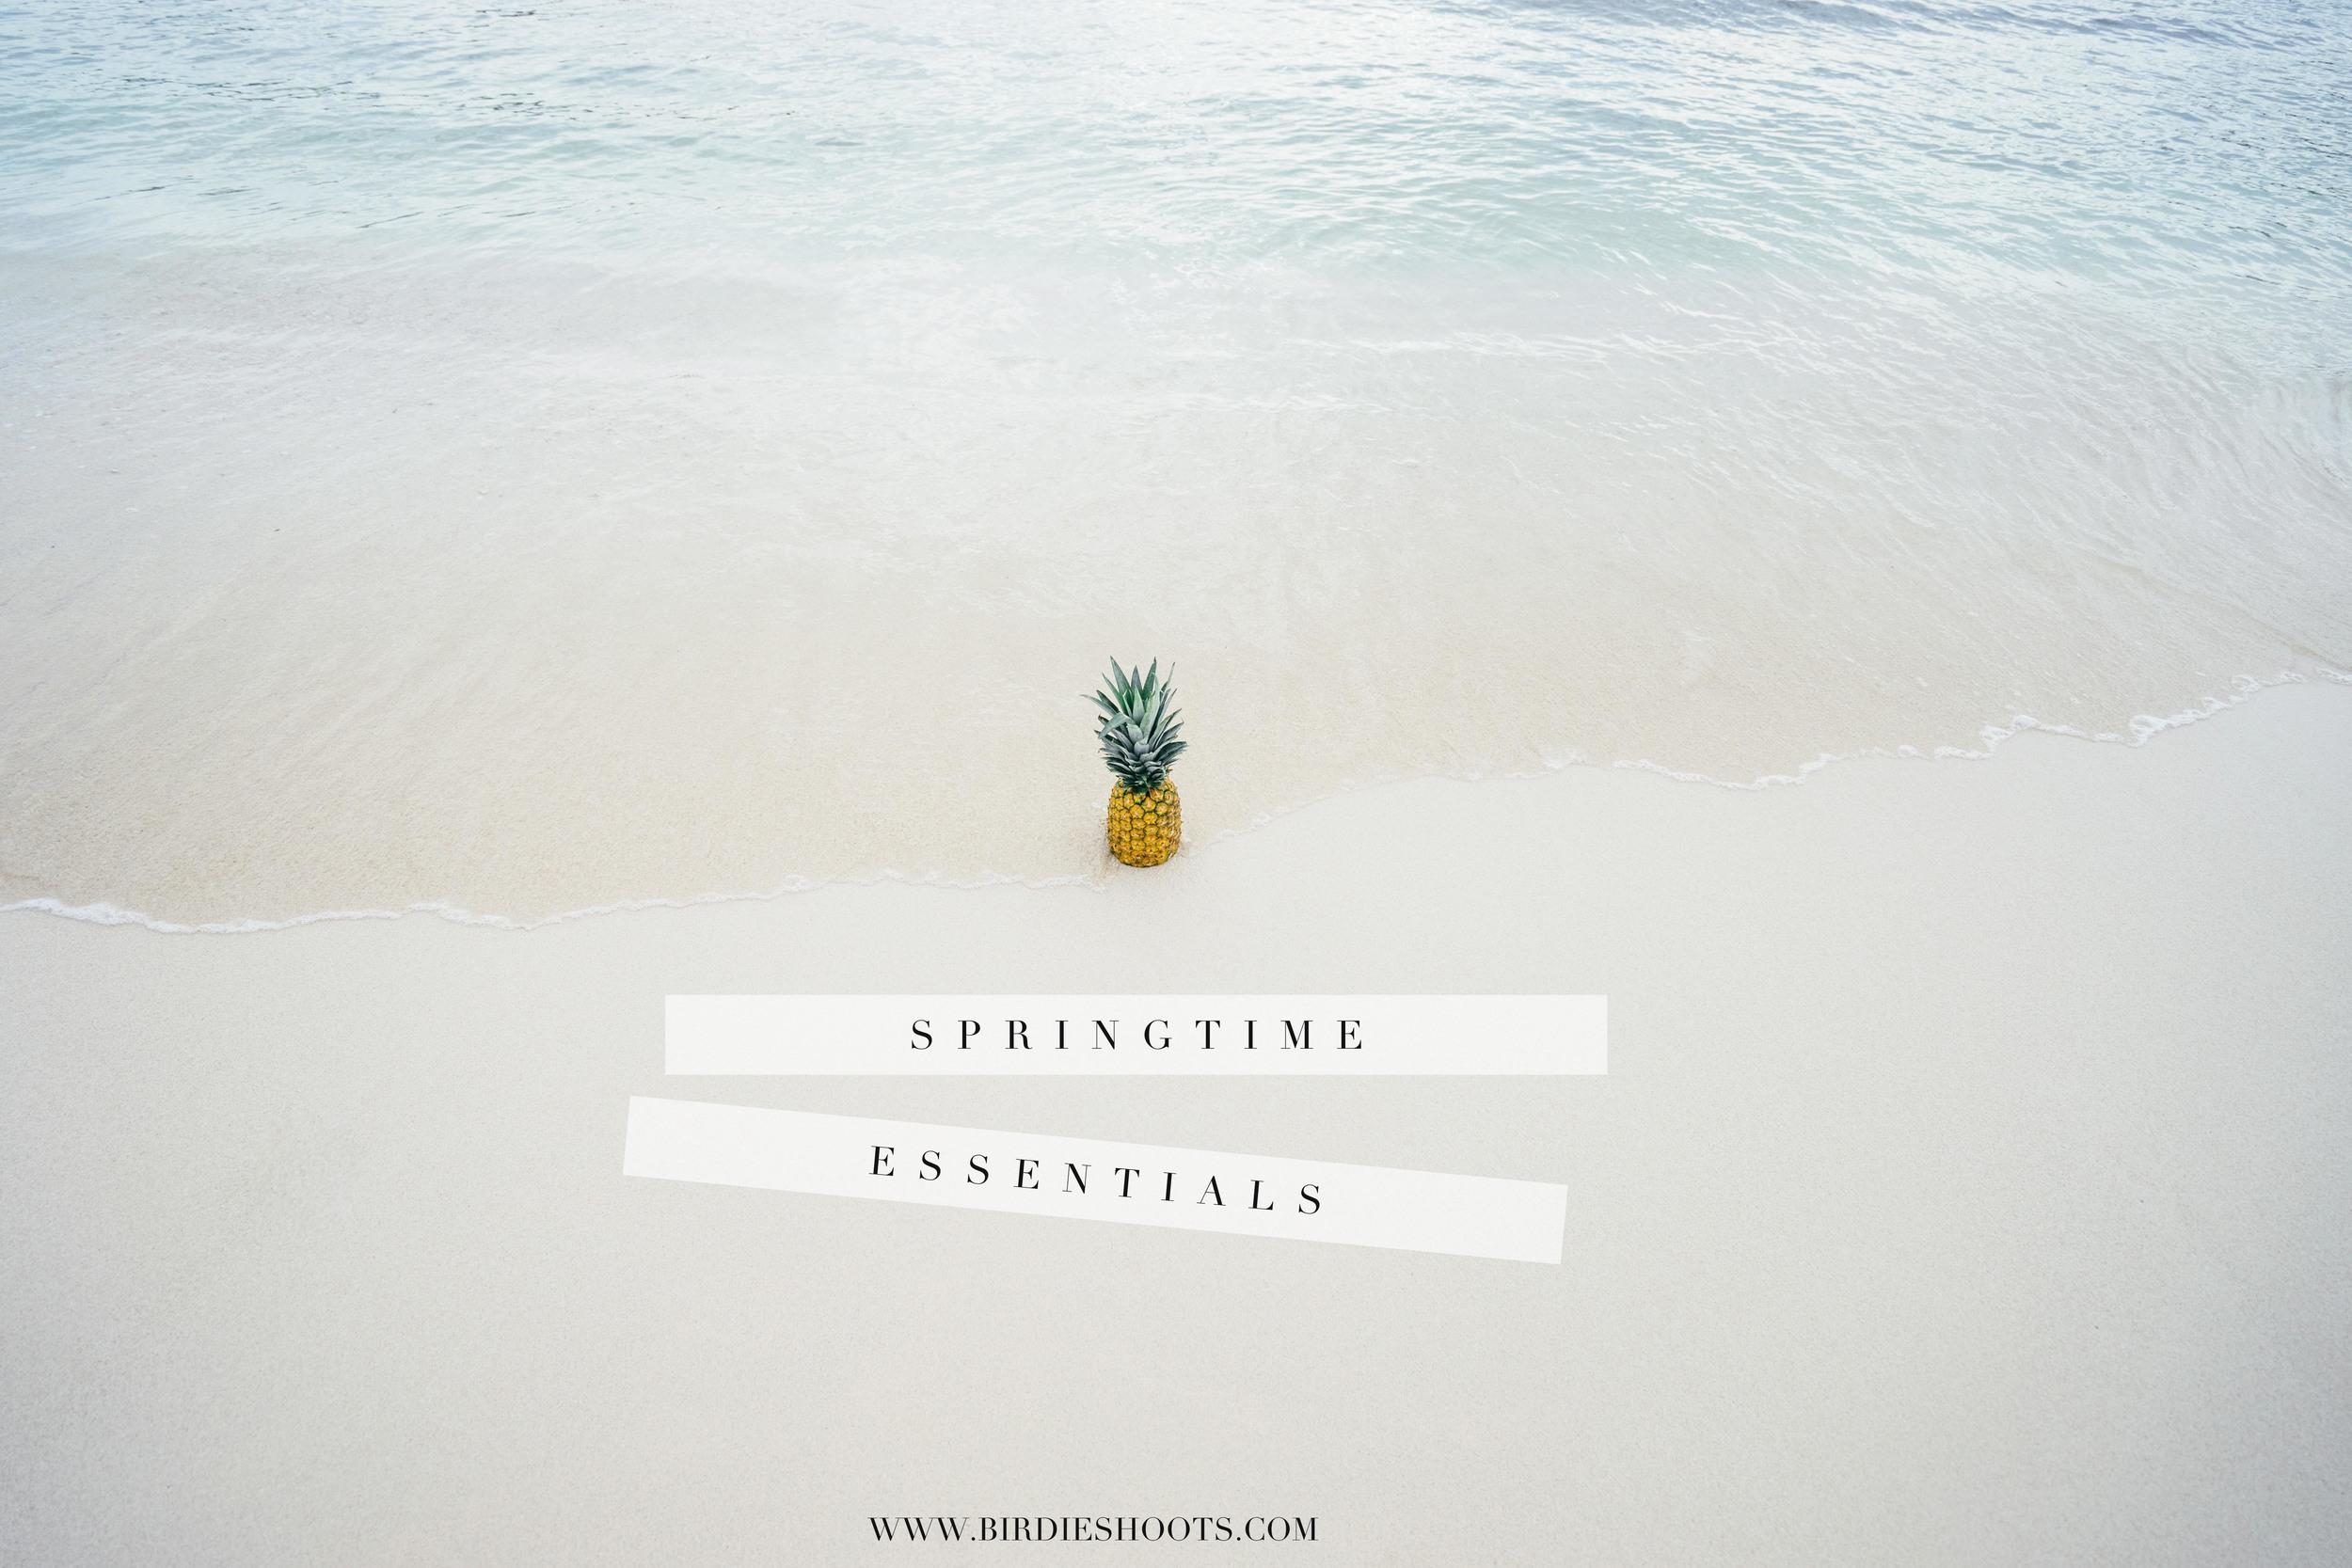 Springtime clothing and accessory essentials via. www.birdieshoots.com